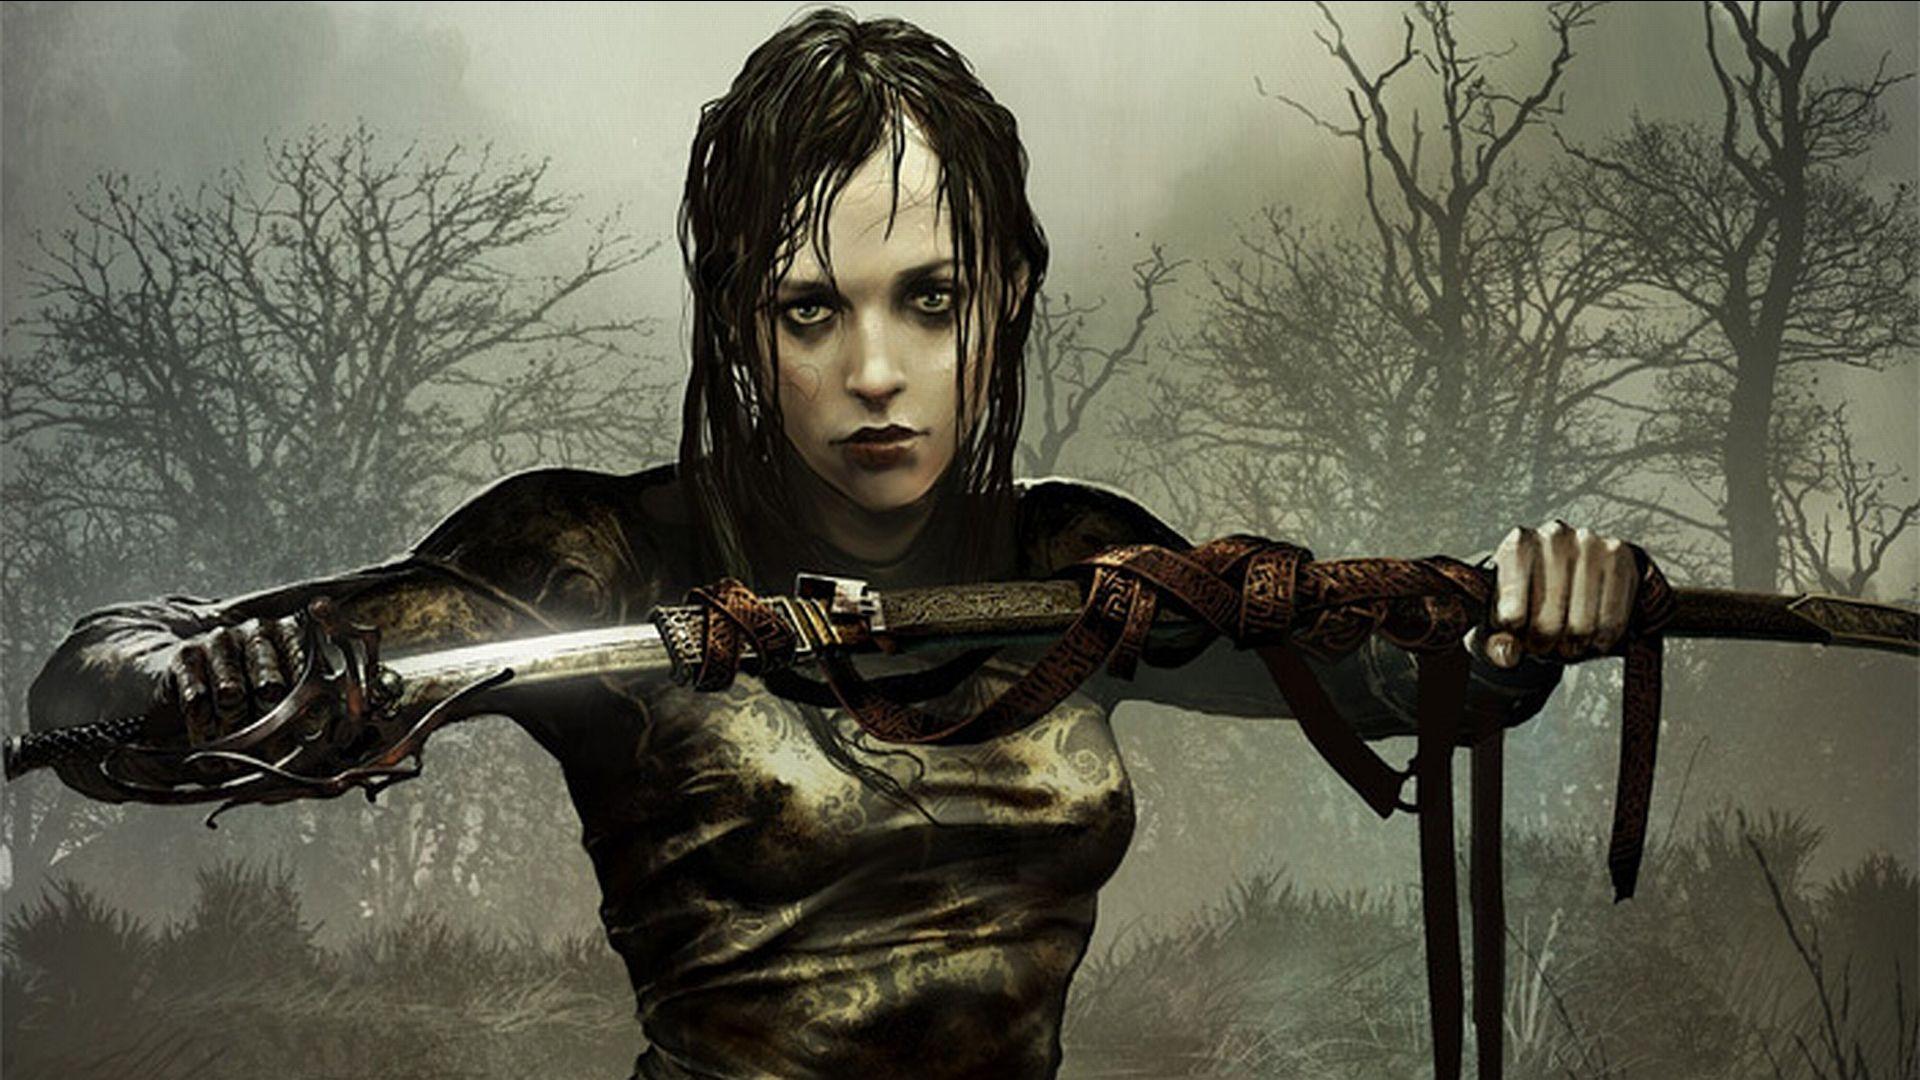 Gothic warrior women sexy clips